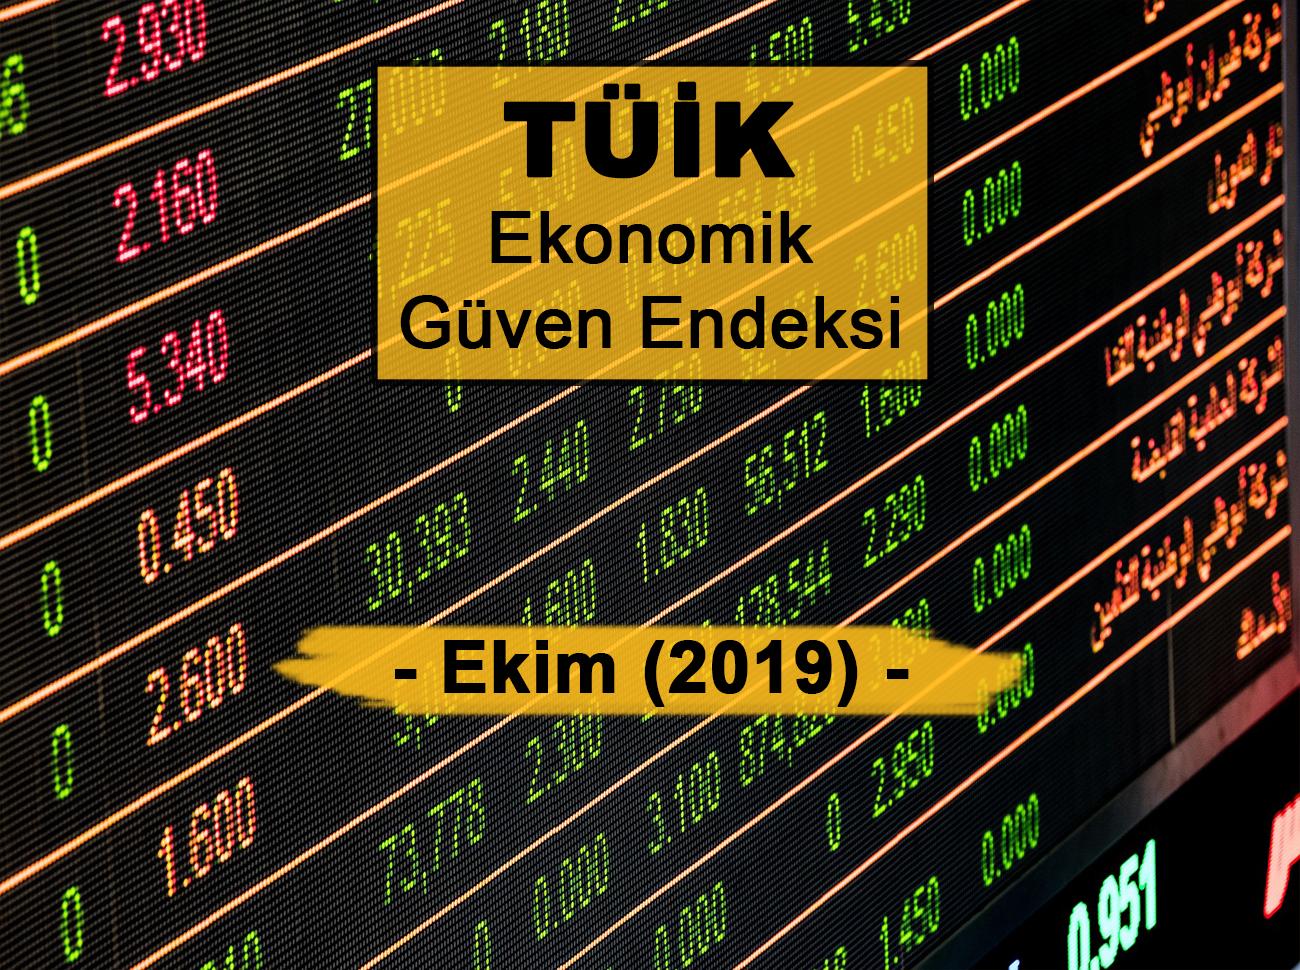 Ekonomik Güven Endeksi (Ekim 2019)